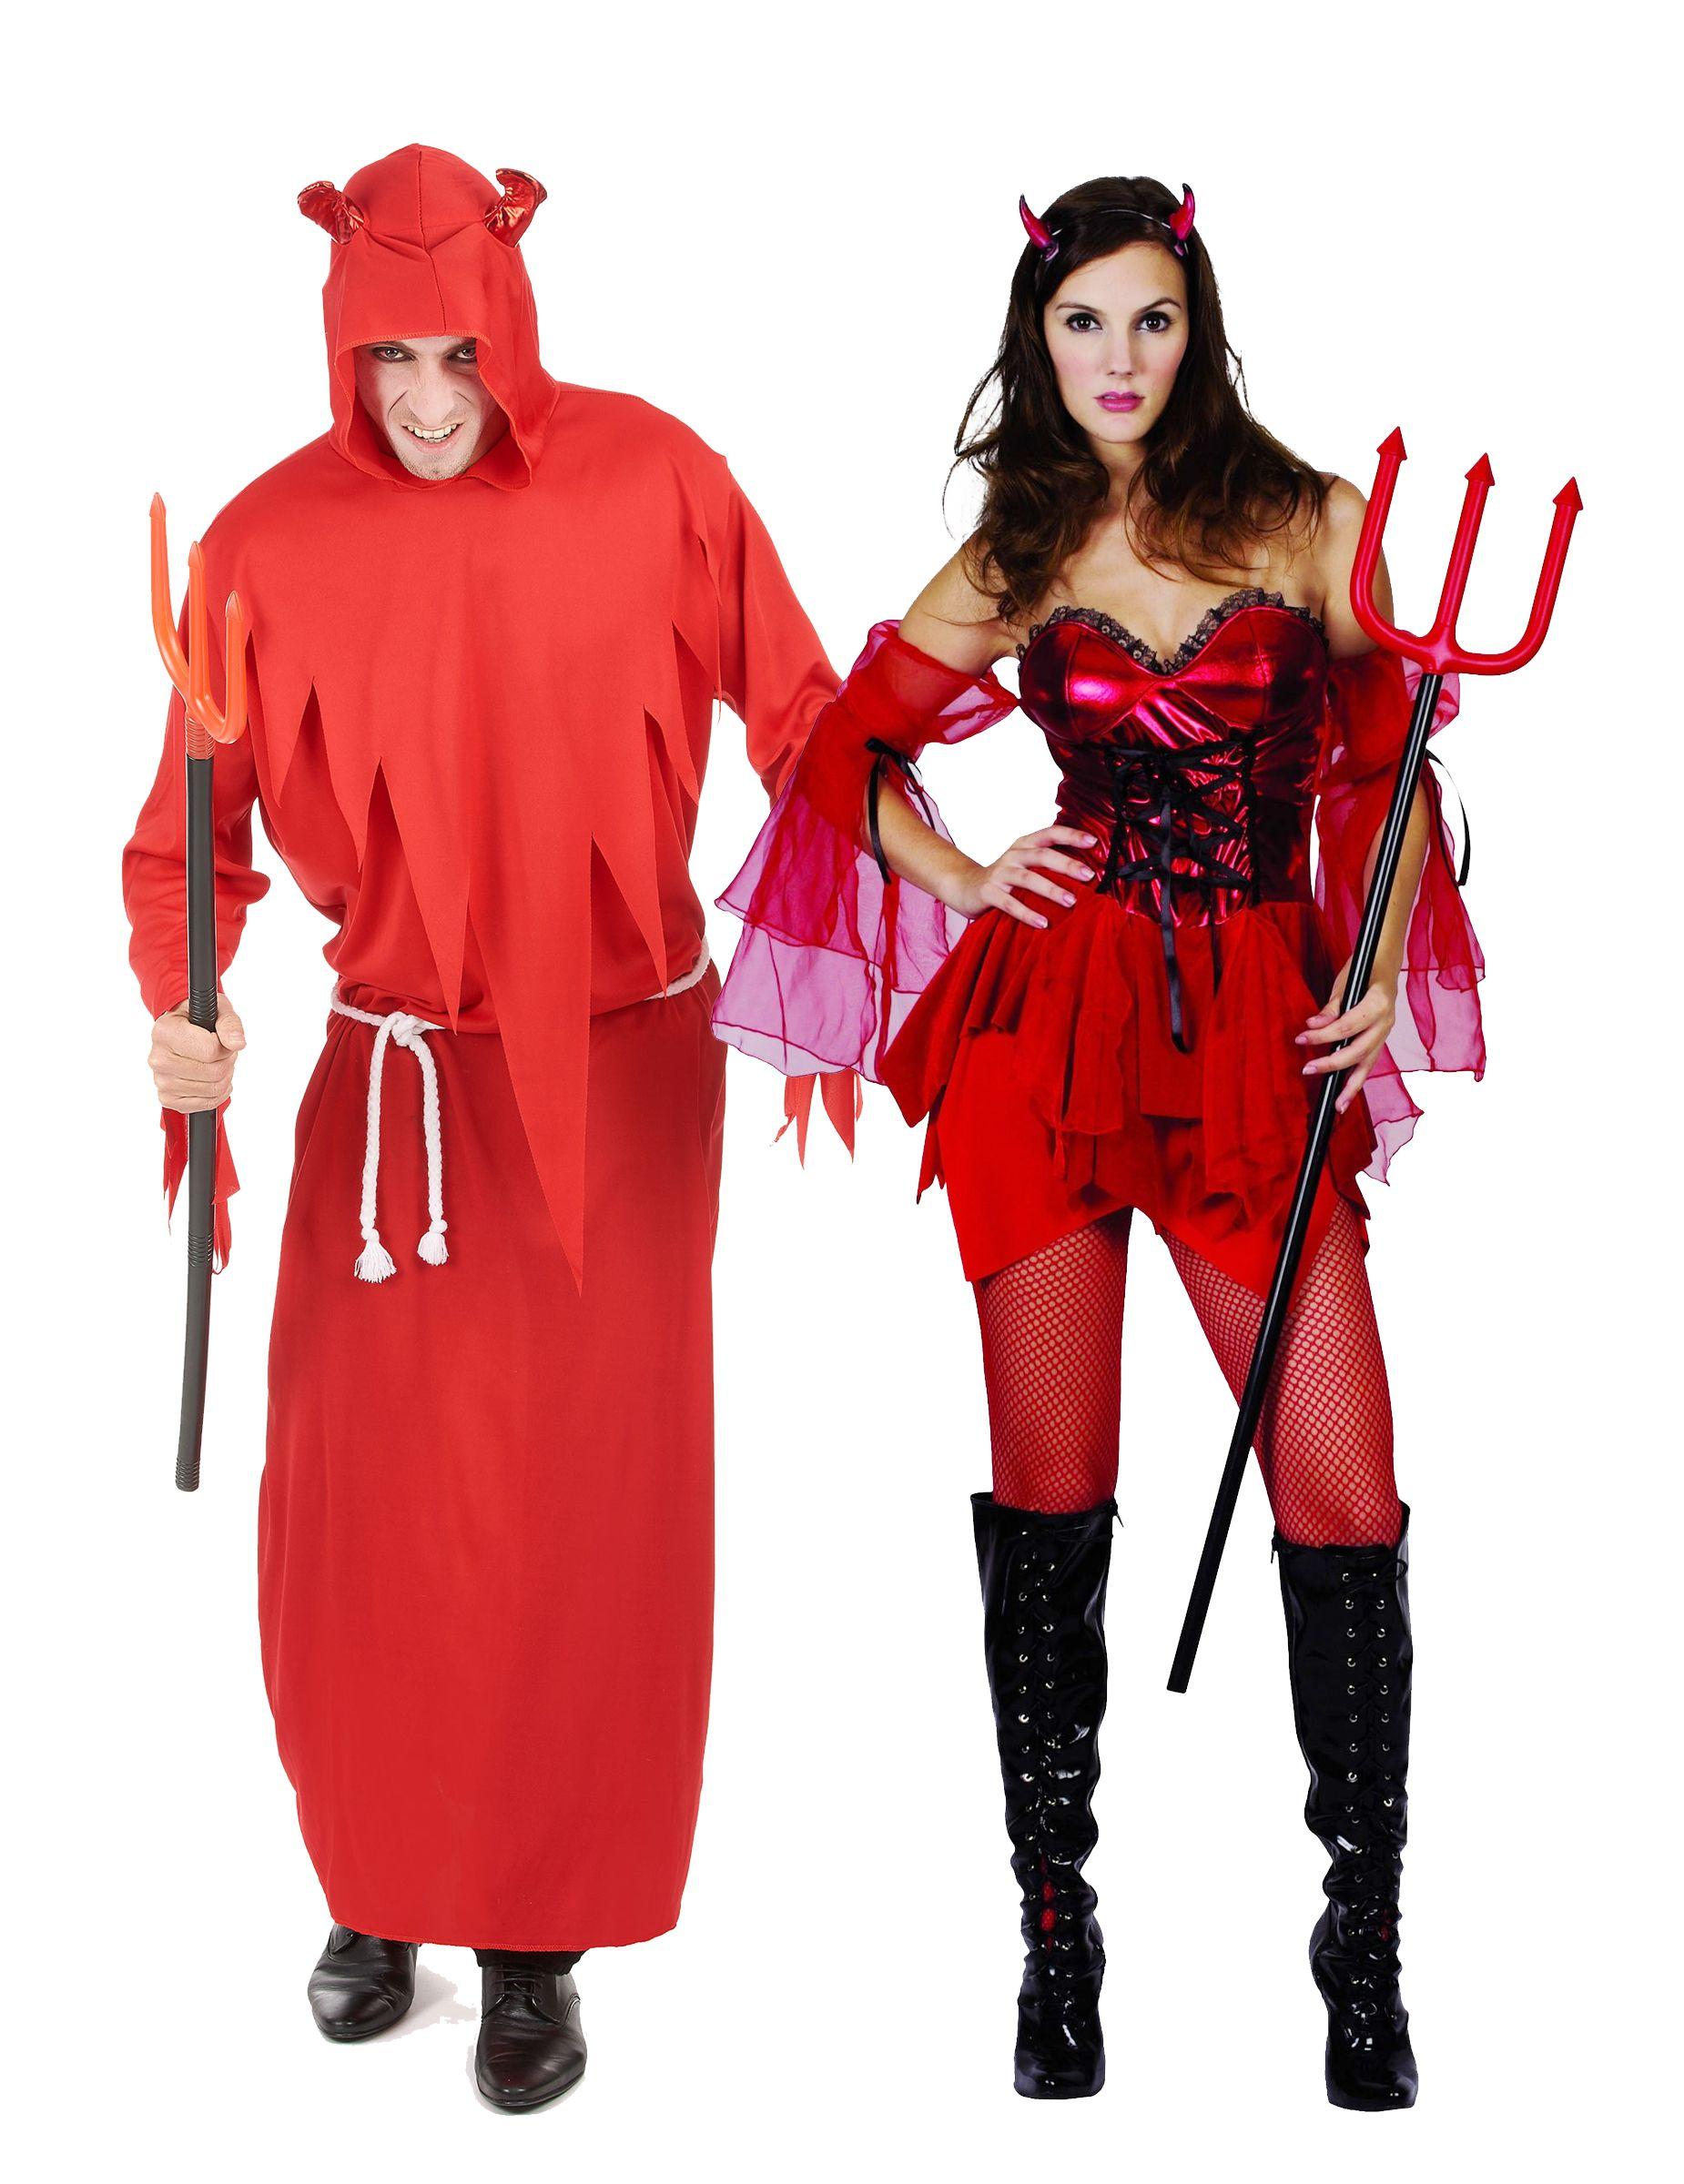 Costume coppia di diavoli per halloween  Il travestimento da diavolessa per  donna è composto da 3df3e6b510f0